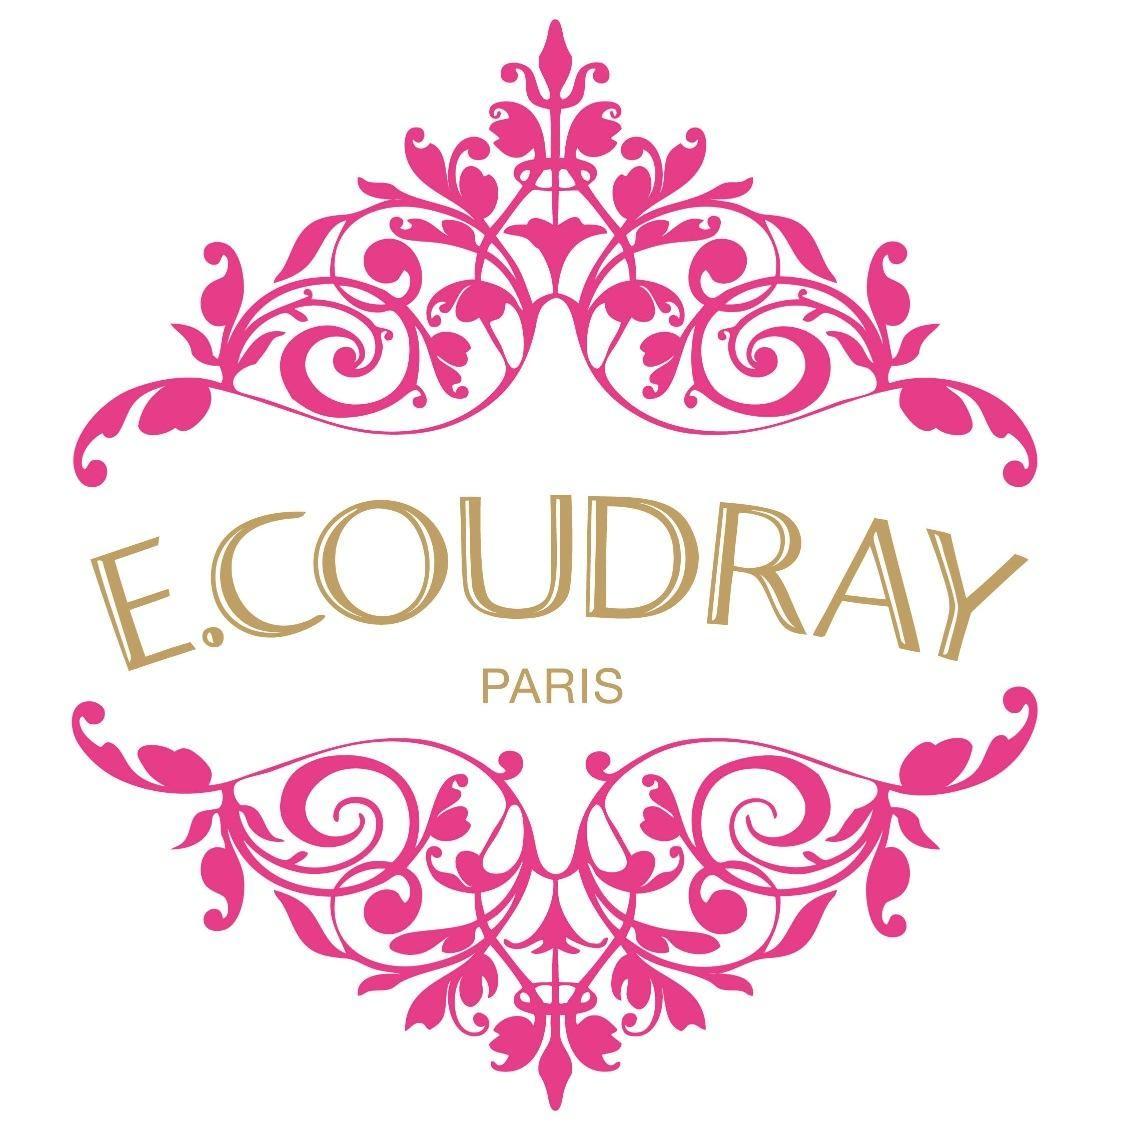 E.Coudray